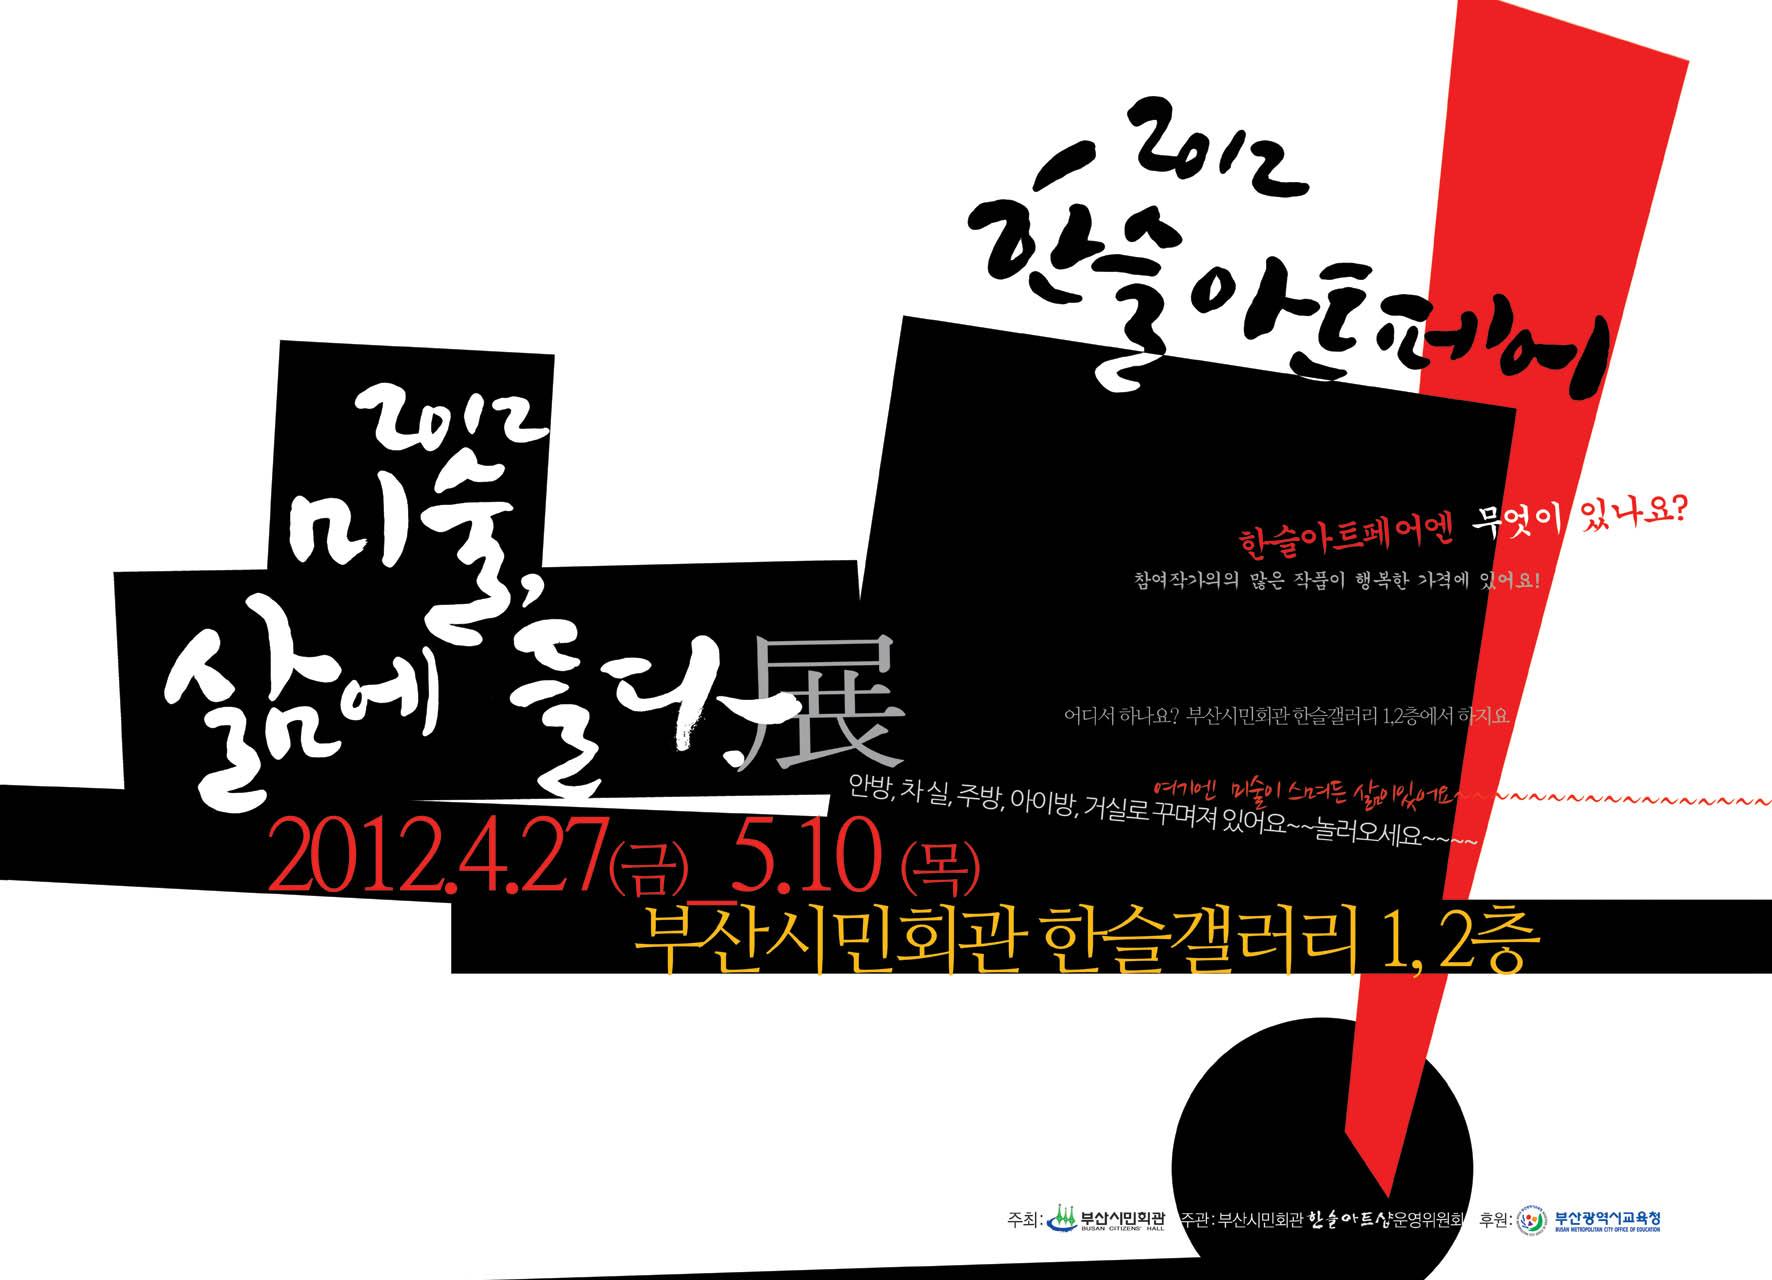 『2012 미술! 삶에 들다 展』한슬아트페어 전시회 개최 이미지1번째